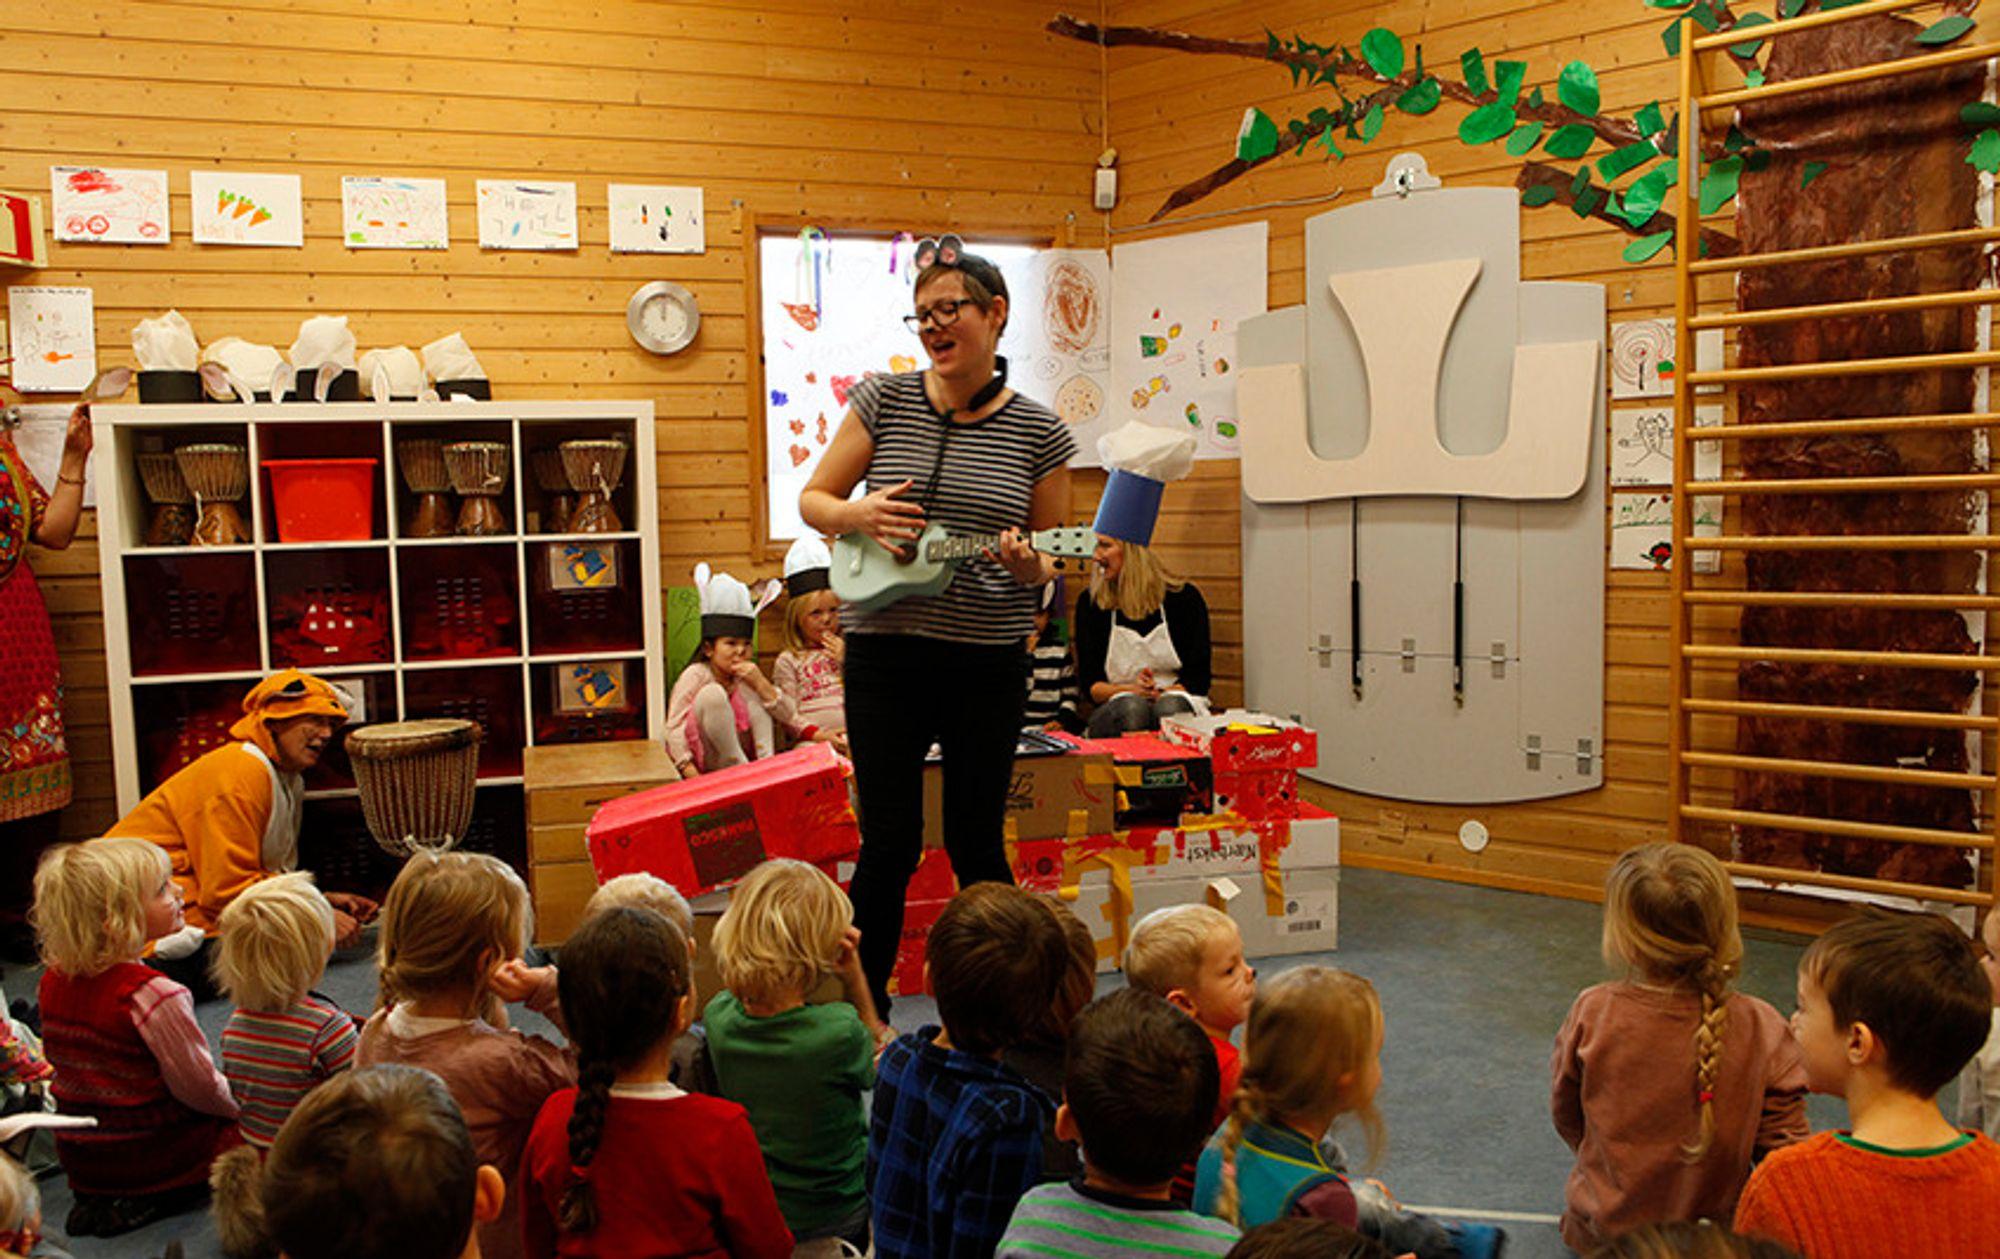 MUSIKALSK MUS: Klatremus spiller for alle barna.